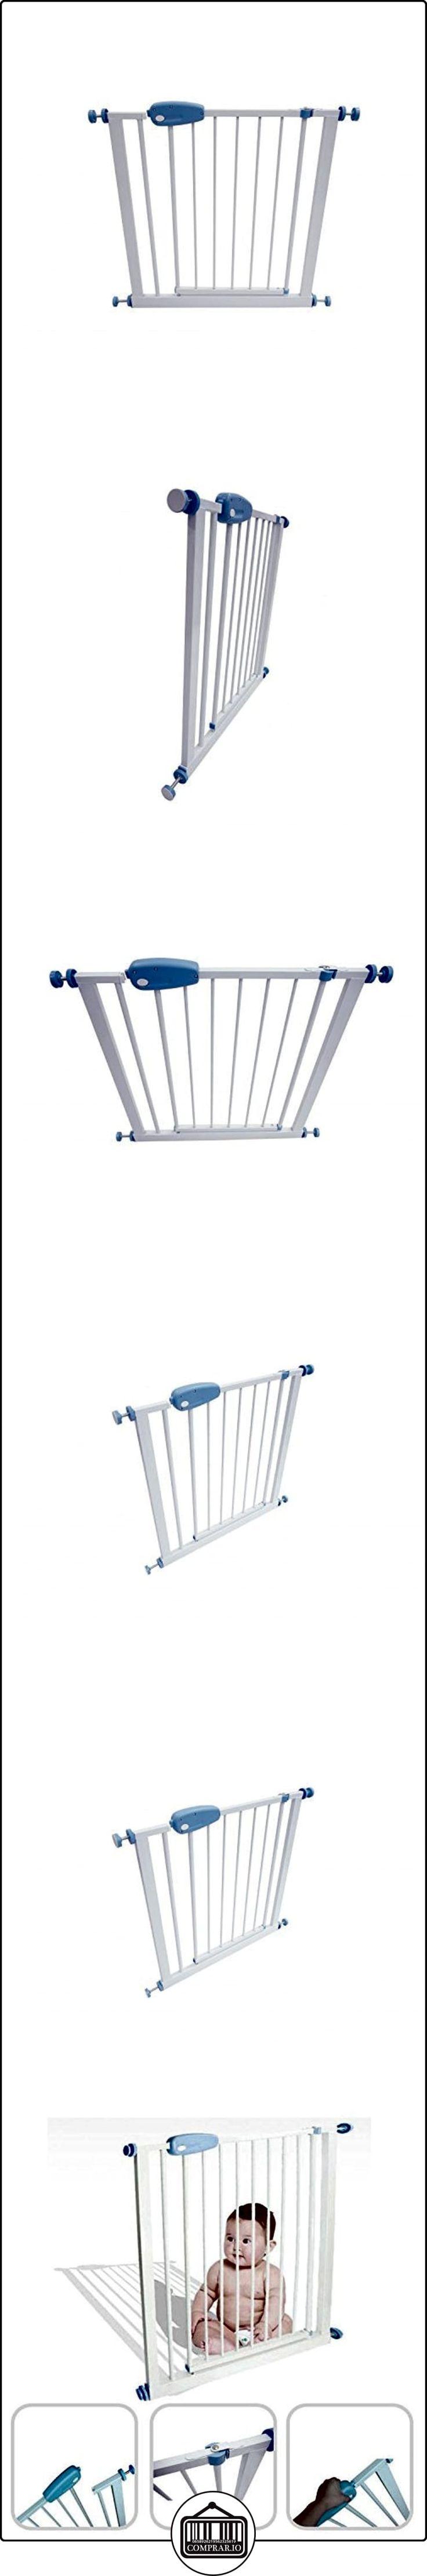 Babyfield - Barrera de seguridad de acero para niño, 74 a 87 cm - Seguridad en escalera, puerta y pasillo - Se abata en ambos sentidos  ✿ Seguridad para tu bebé - (Protege a tus hijos) ✿ ▬► Ver oferta: http://comprar.io/goto/B00OJ6WJ7S